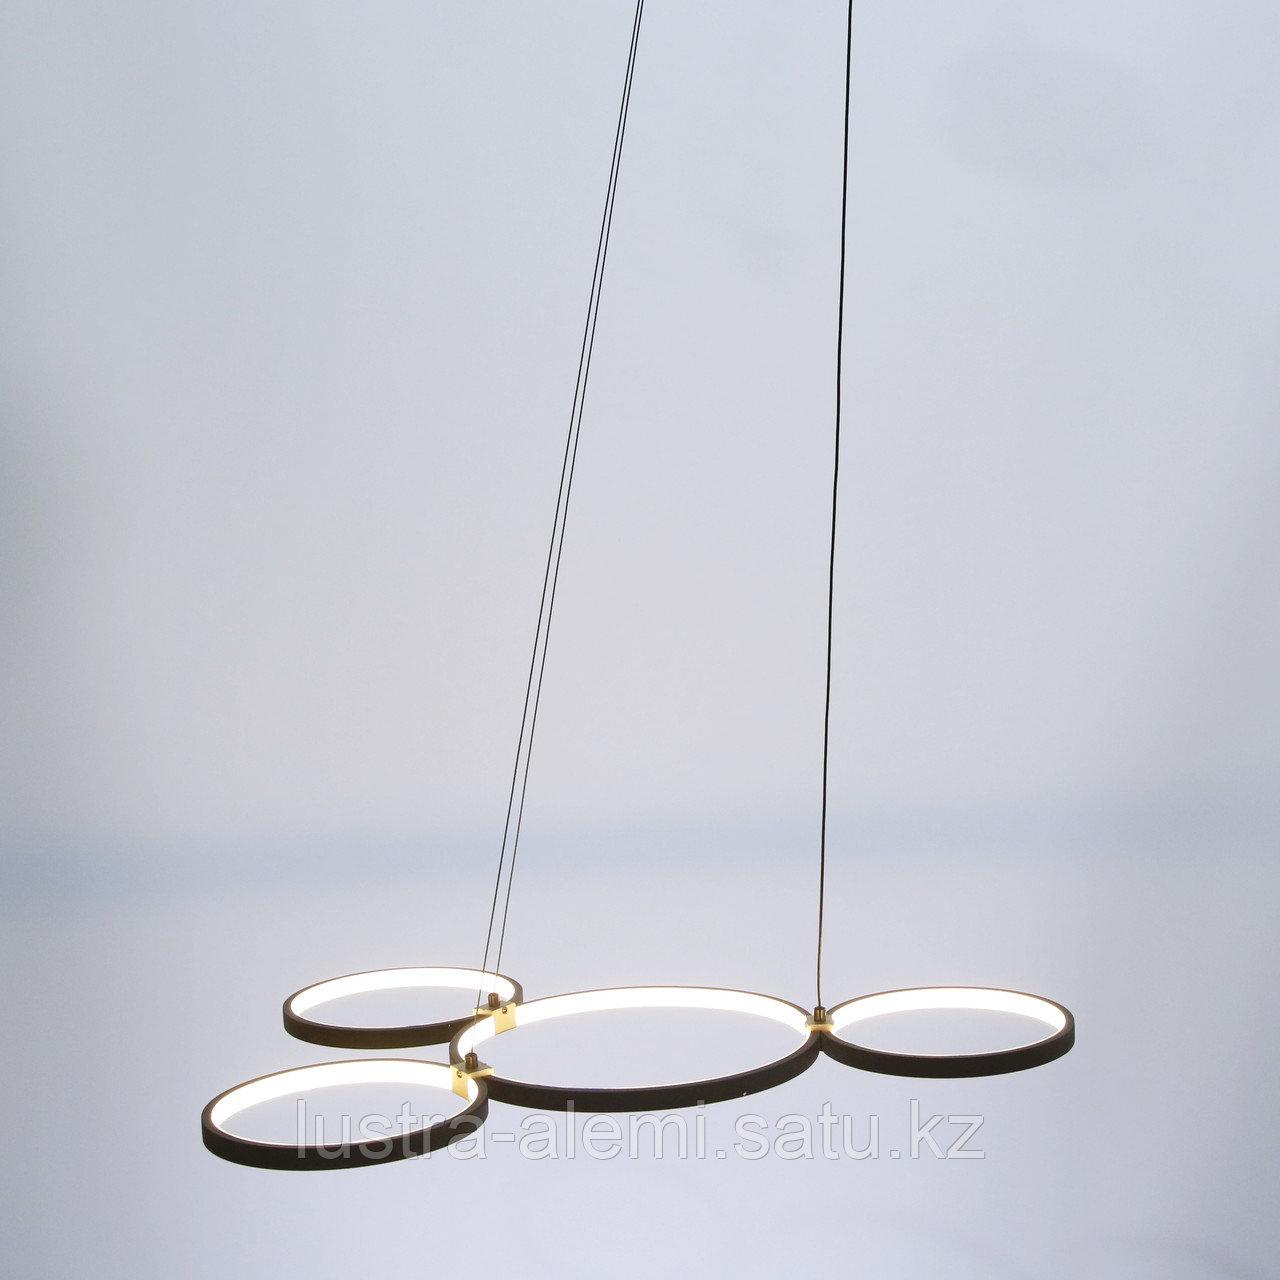 Люстра ЛЭД M 708/4 LED BK